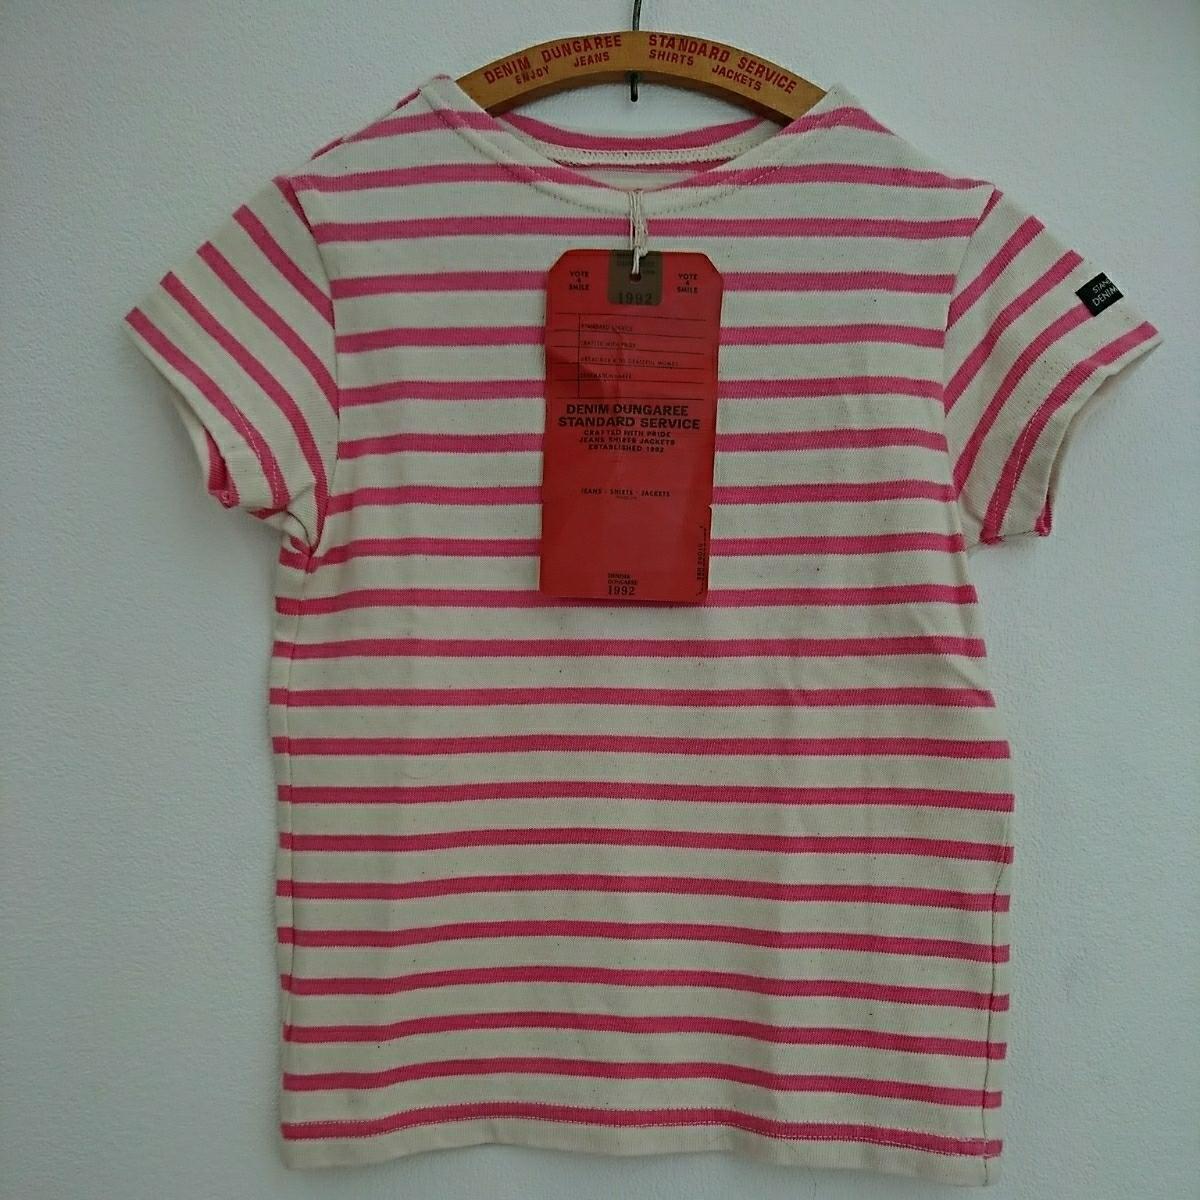 * 未使用タグ付き * DENIM DUNGAREE ボーダーTシャツ 120 ピンク FITH ゴートゥーハリウッド GO TO HOLLYWOOD デニム&ダンガリー 半袖